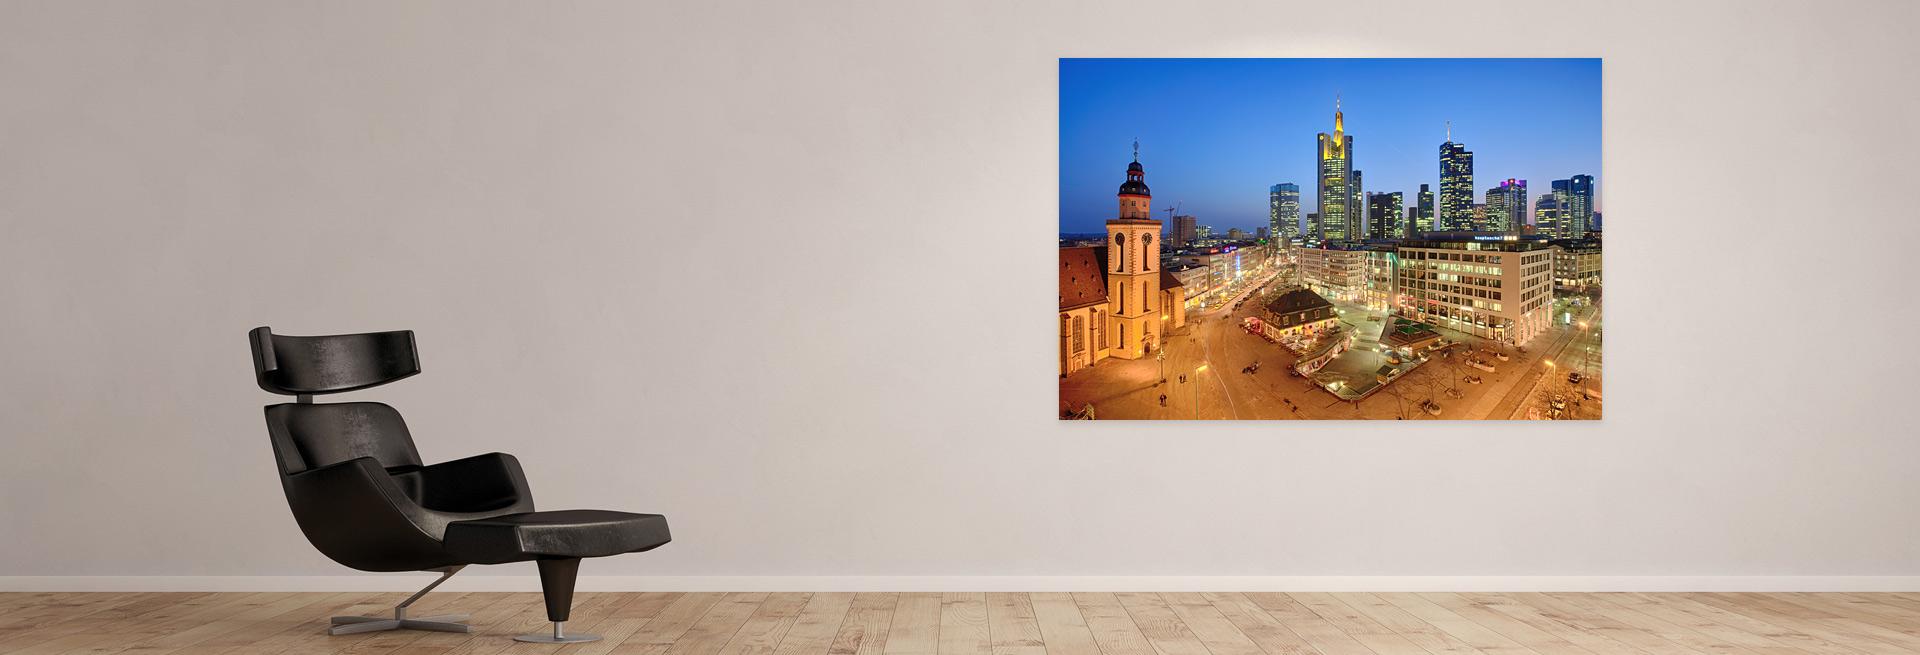 Fotogalerie Frankfurt Kaufen Banner